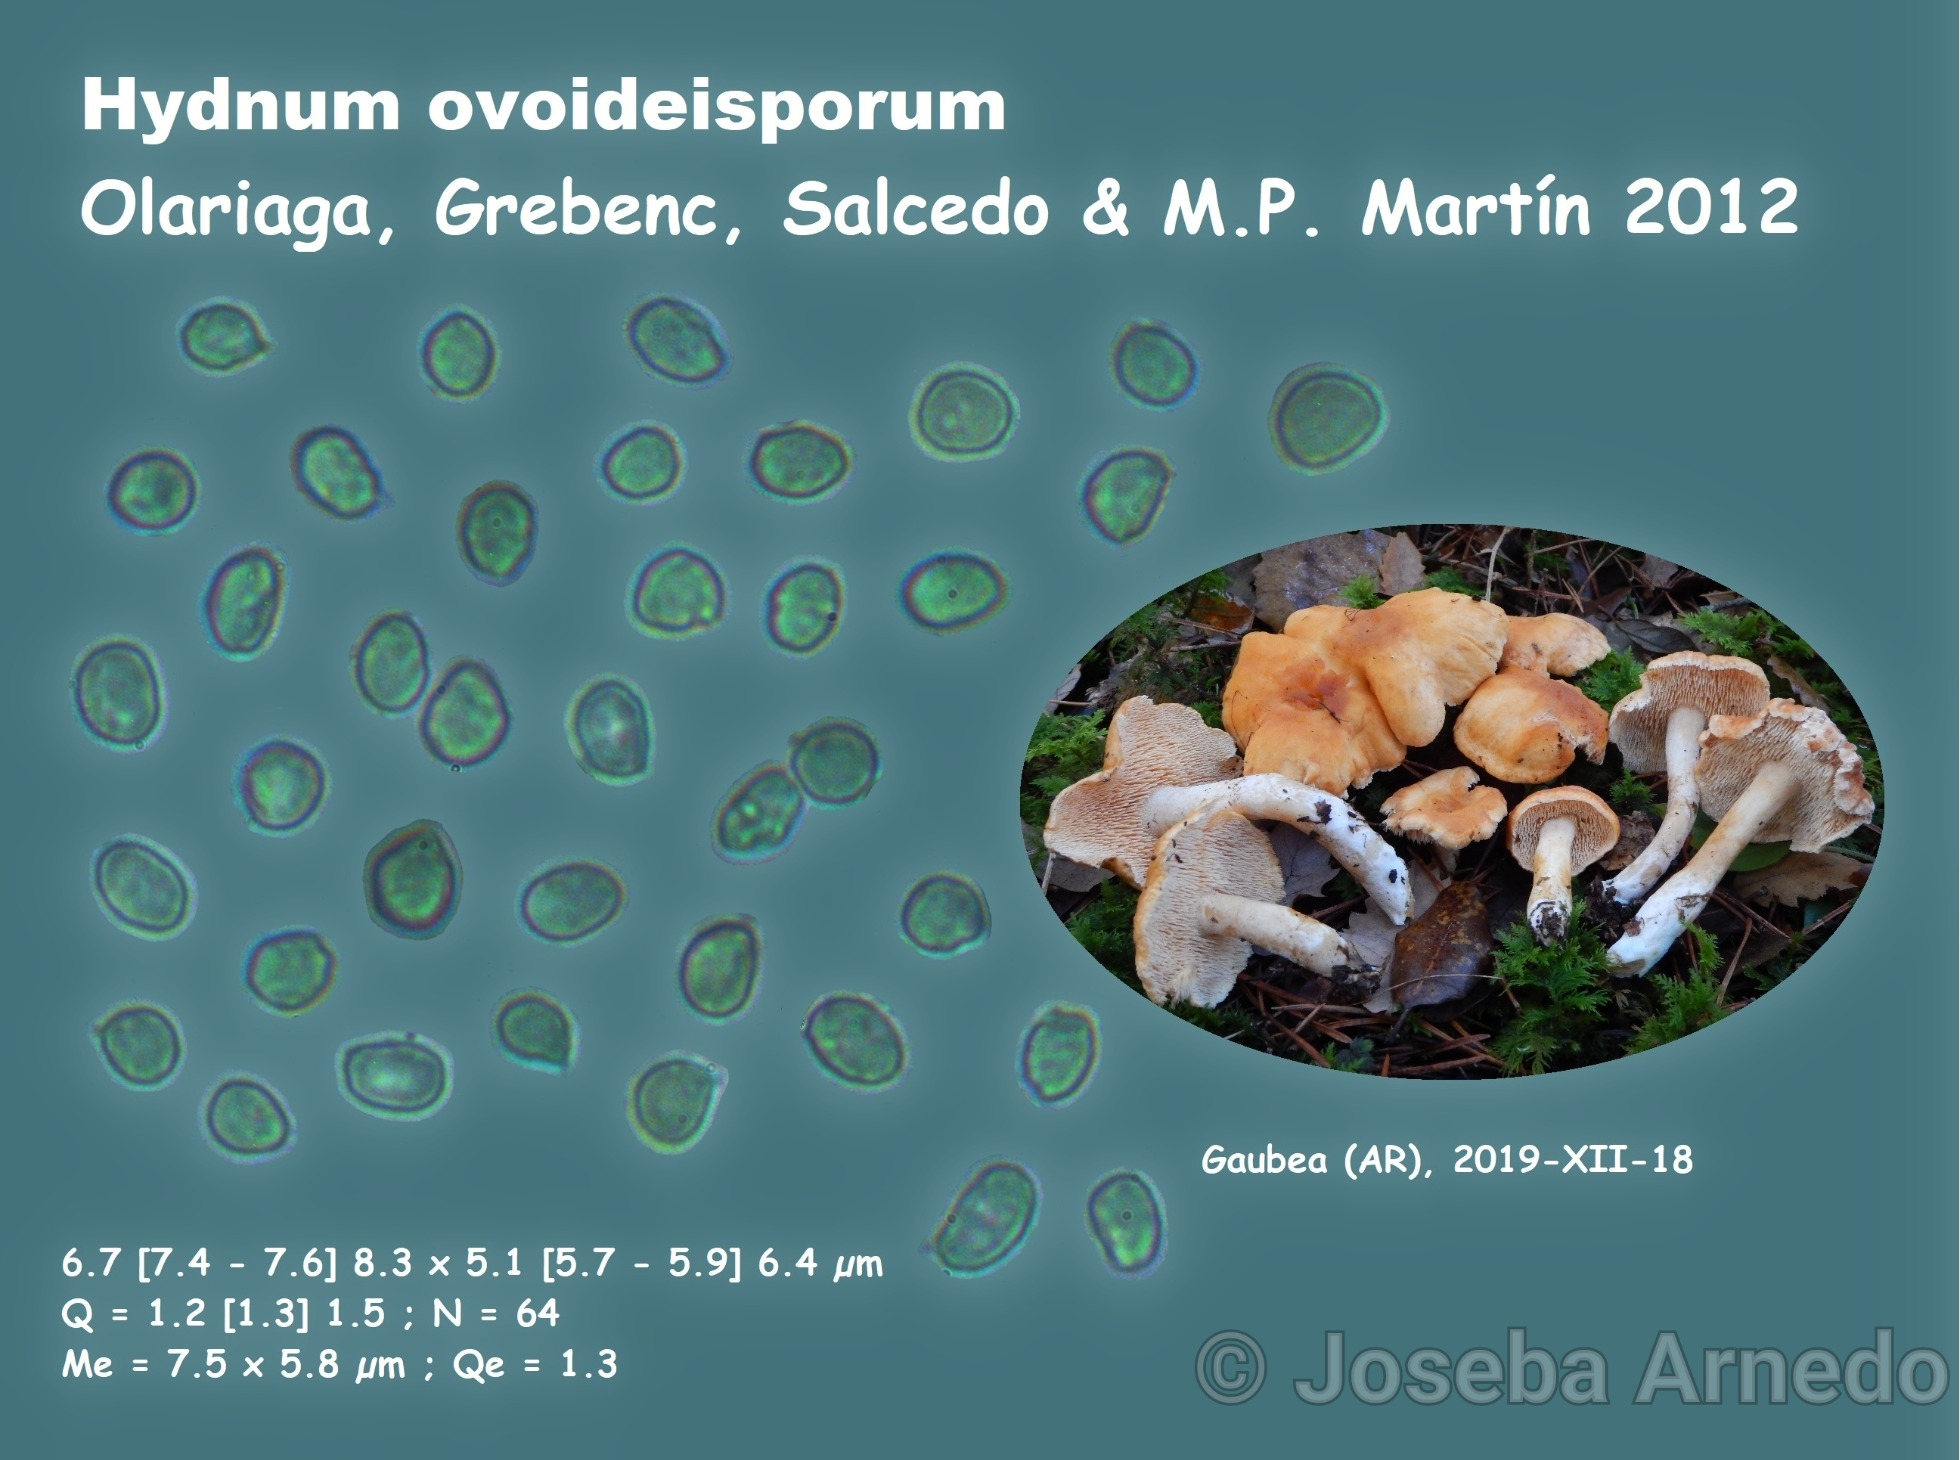 Hydnumovoideisporumfitxa_1578501208843_1578501585111.jpg